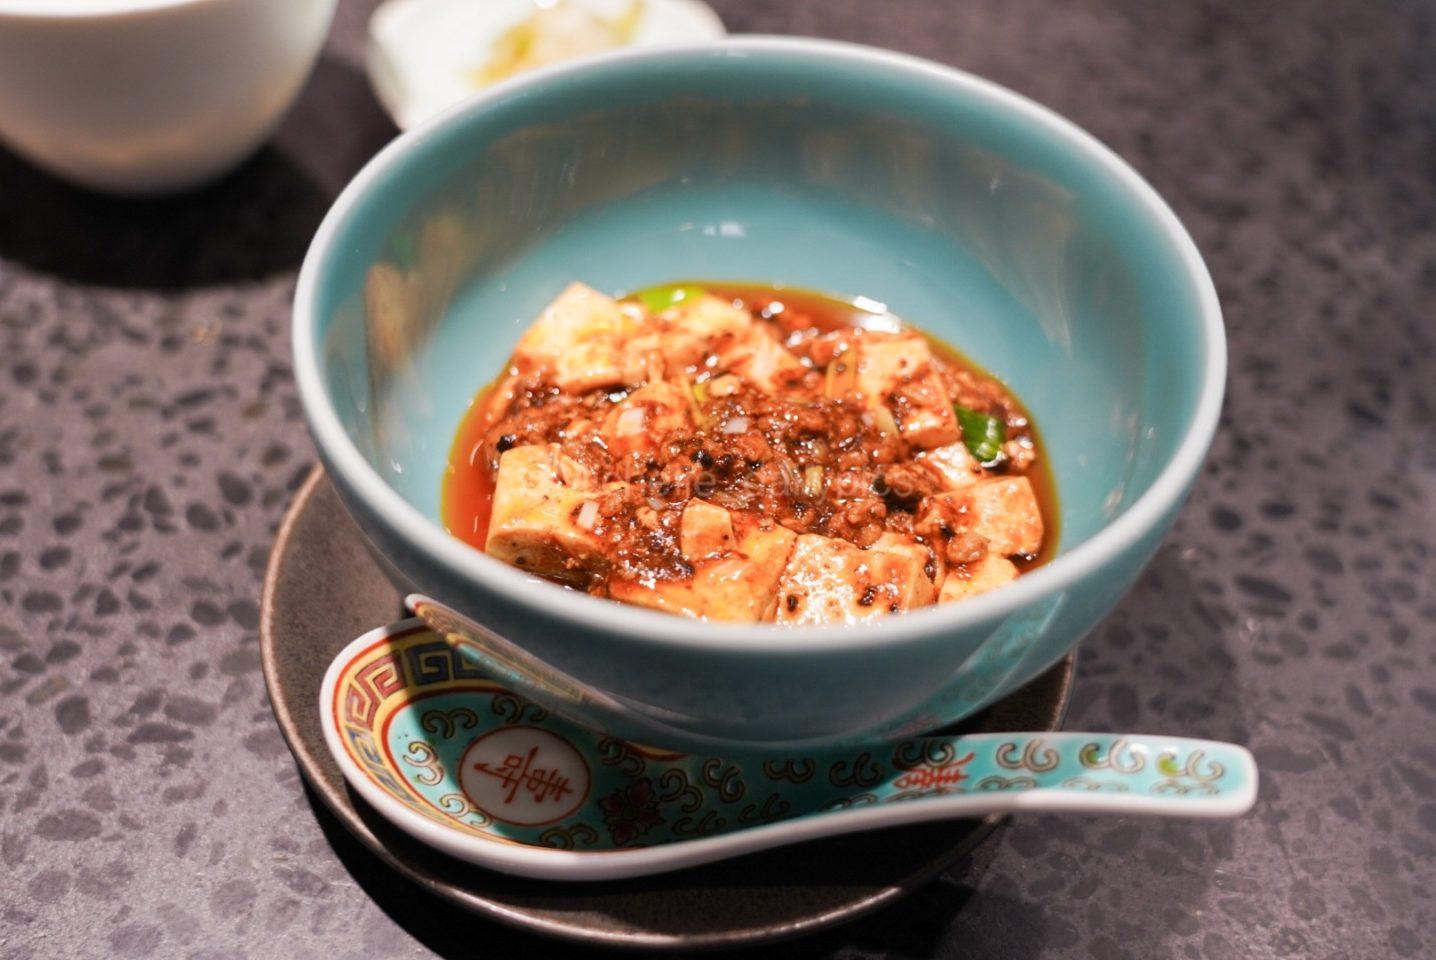 dsc07123 - 鎌倉美食巡り - 和の空間でいただく中華「イチリンハナレ」